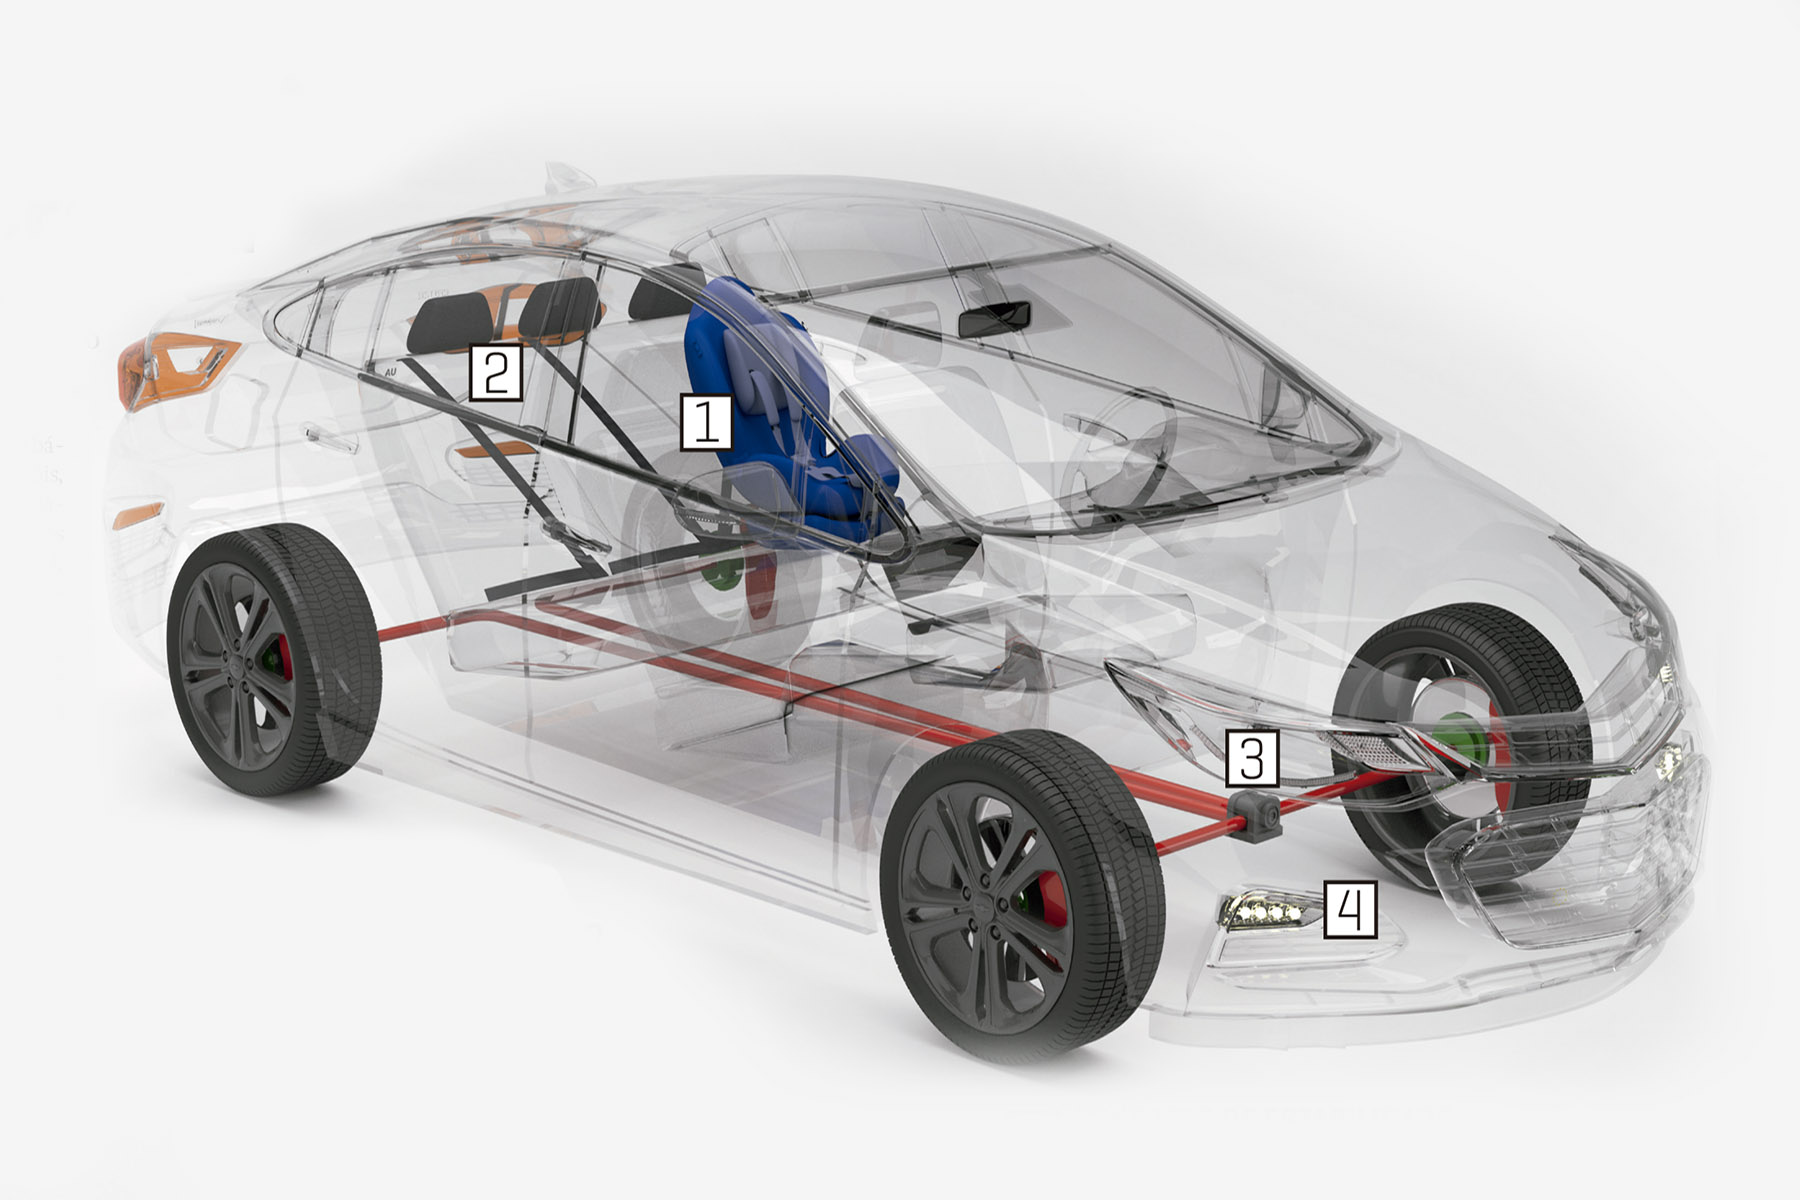 Ilustração numera ponto a ponto onde cada item atua no veículo. Abaixo estão os detalhes de cada equipamento